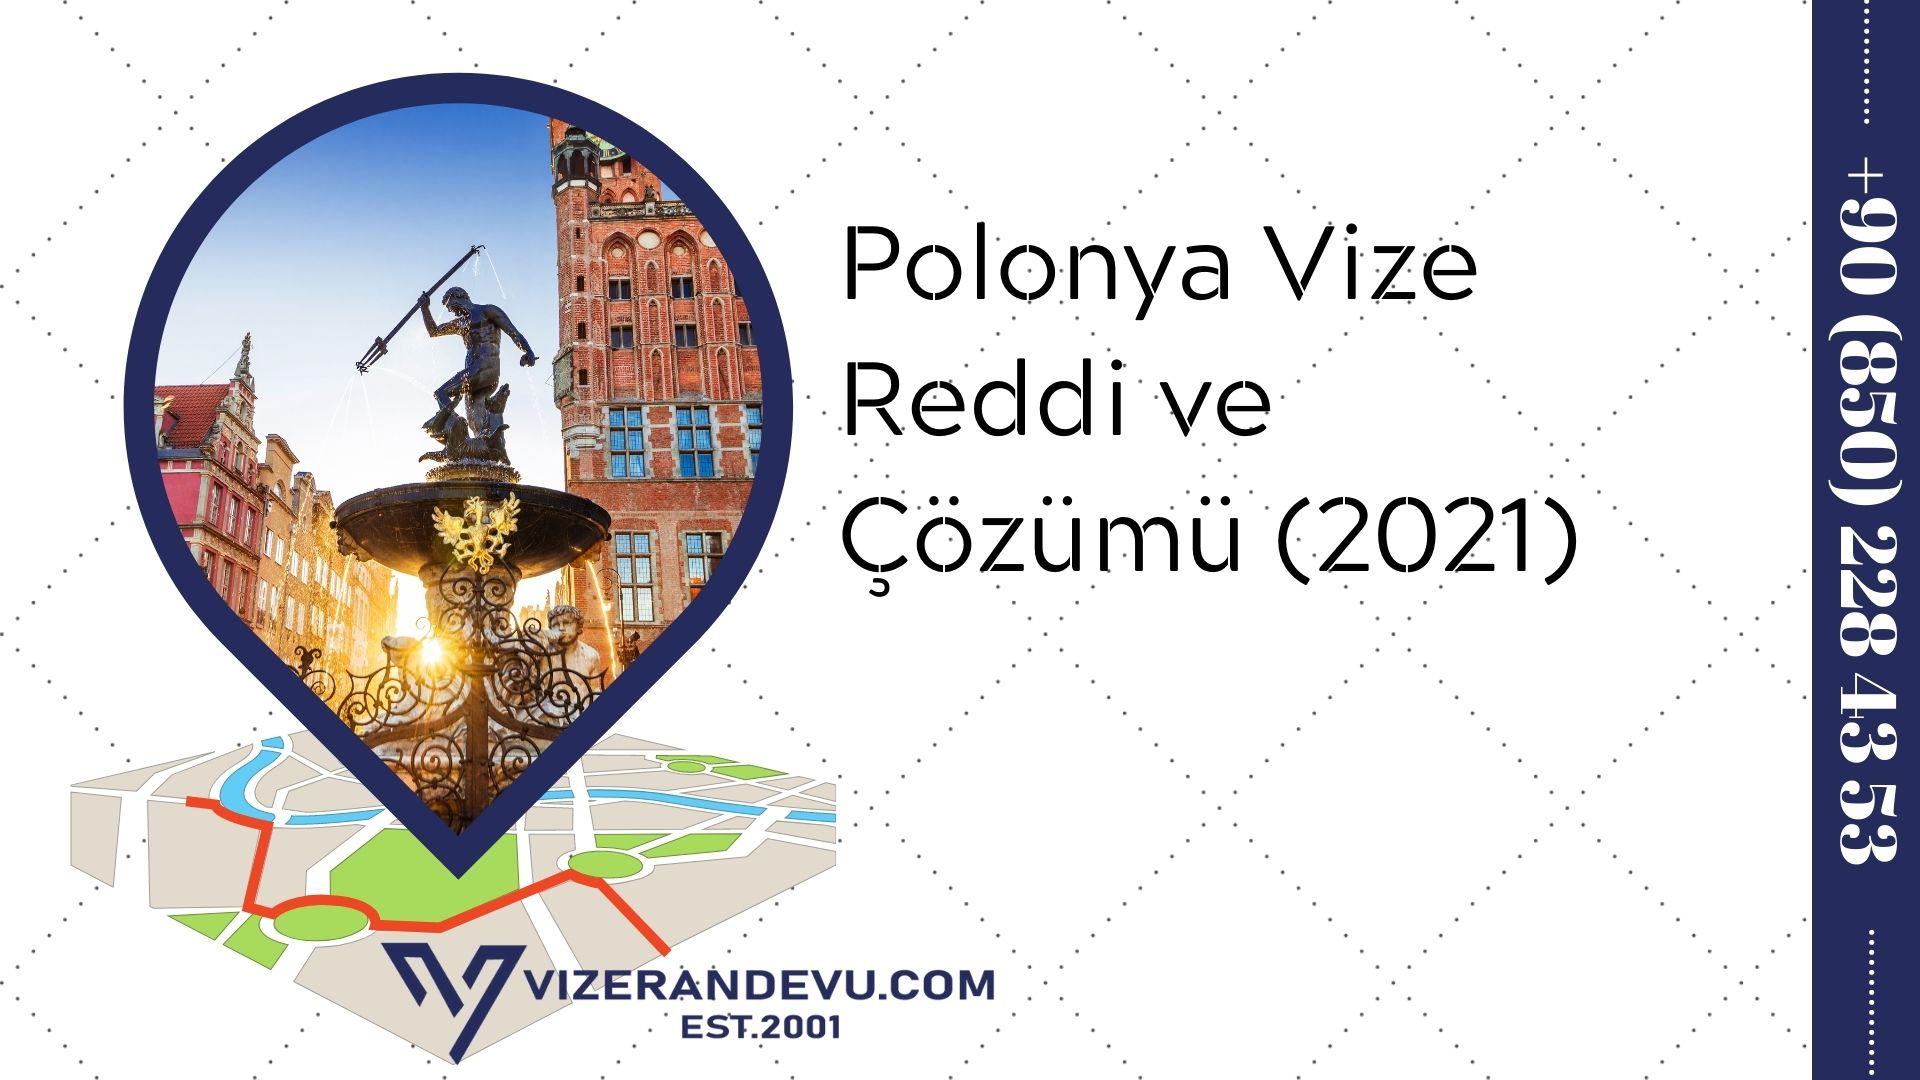 Polonya Vize Reddi ve Çözümü (2021)